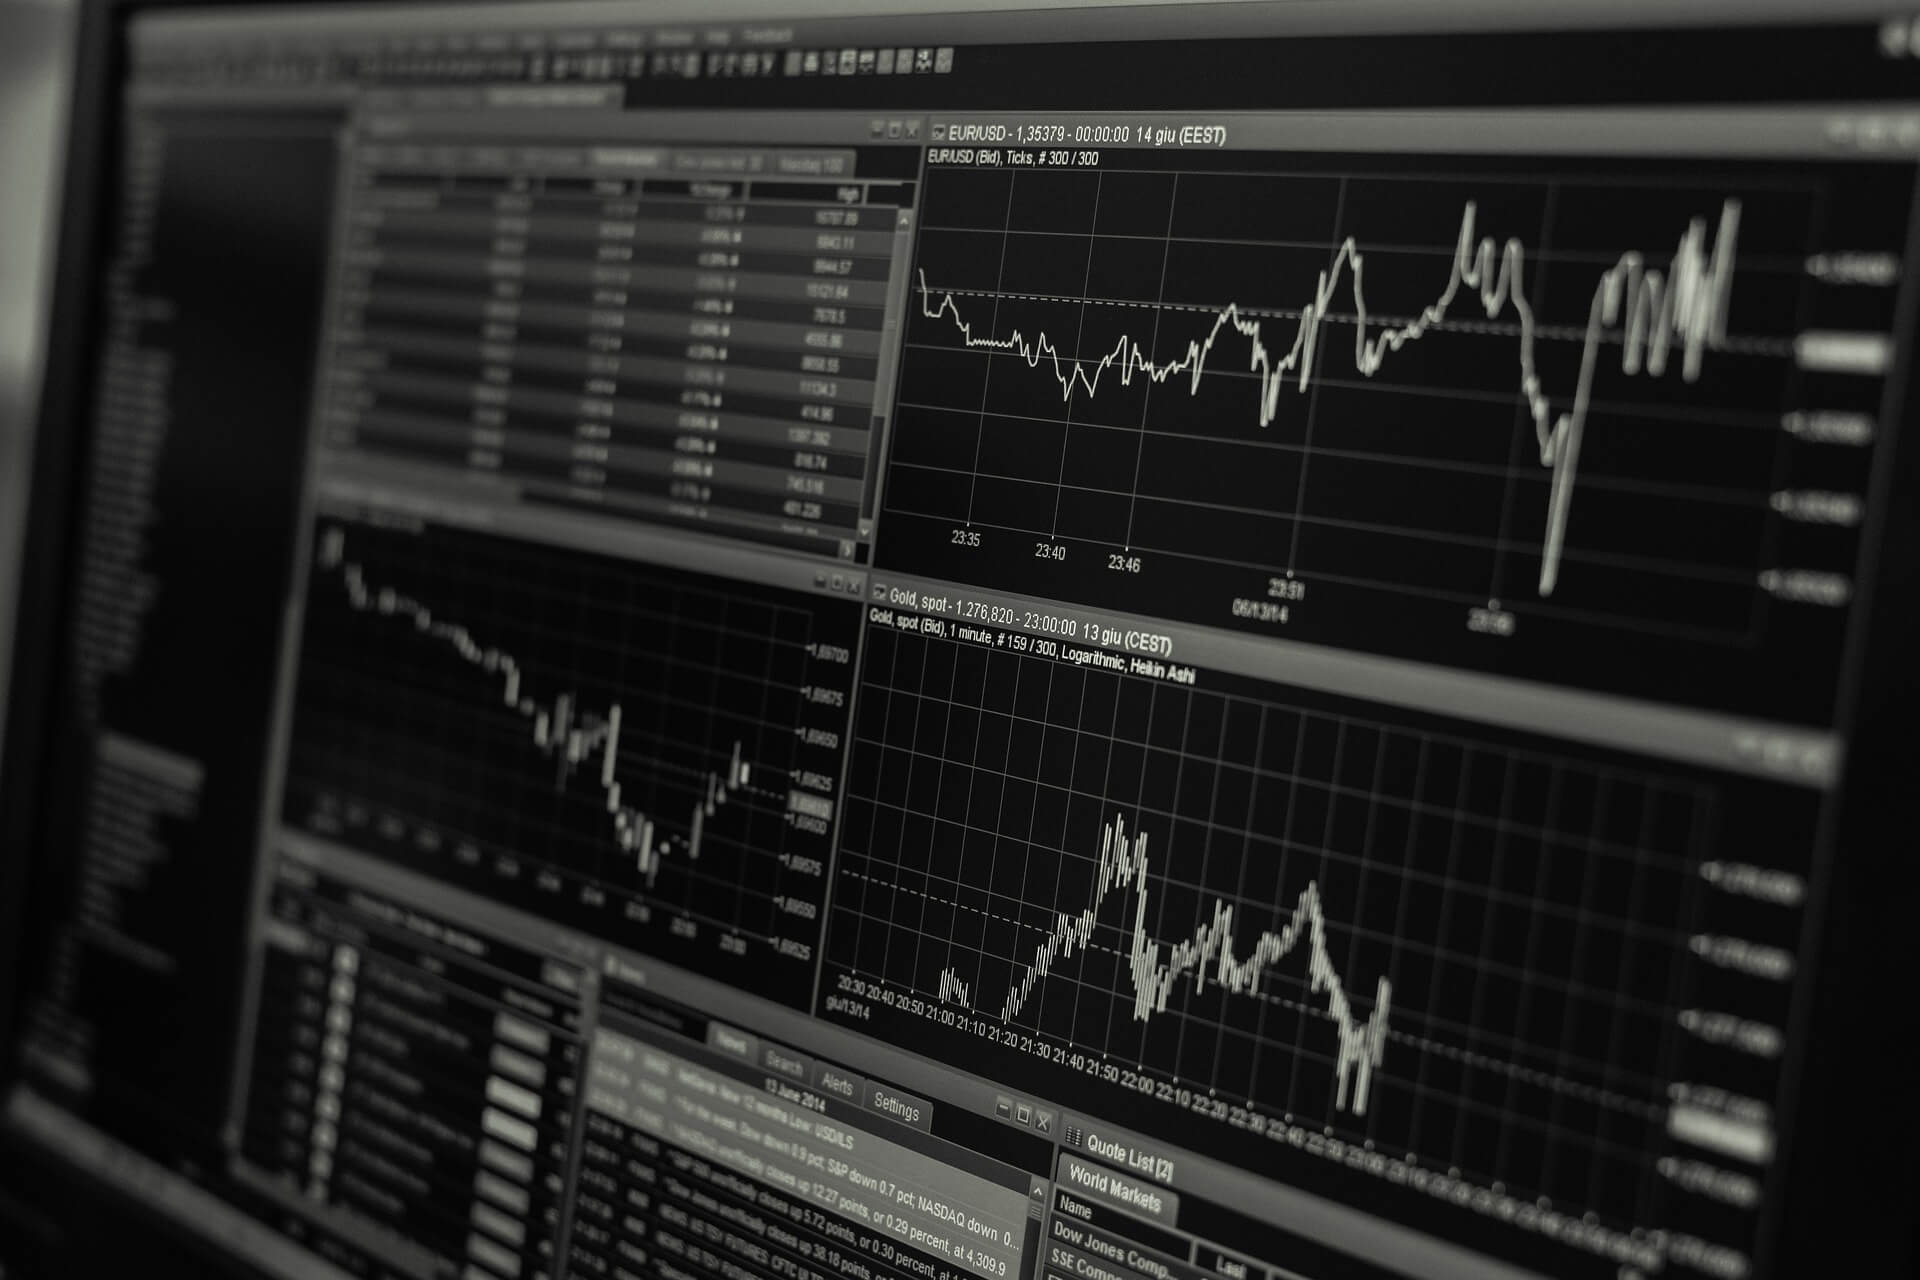 Echamos un vistazo a la rentabilidad sobre el capital empleado de Greenbrier Companies